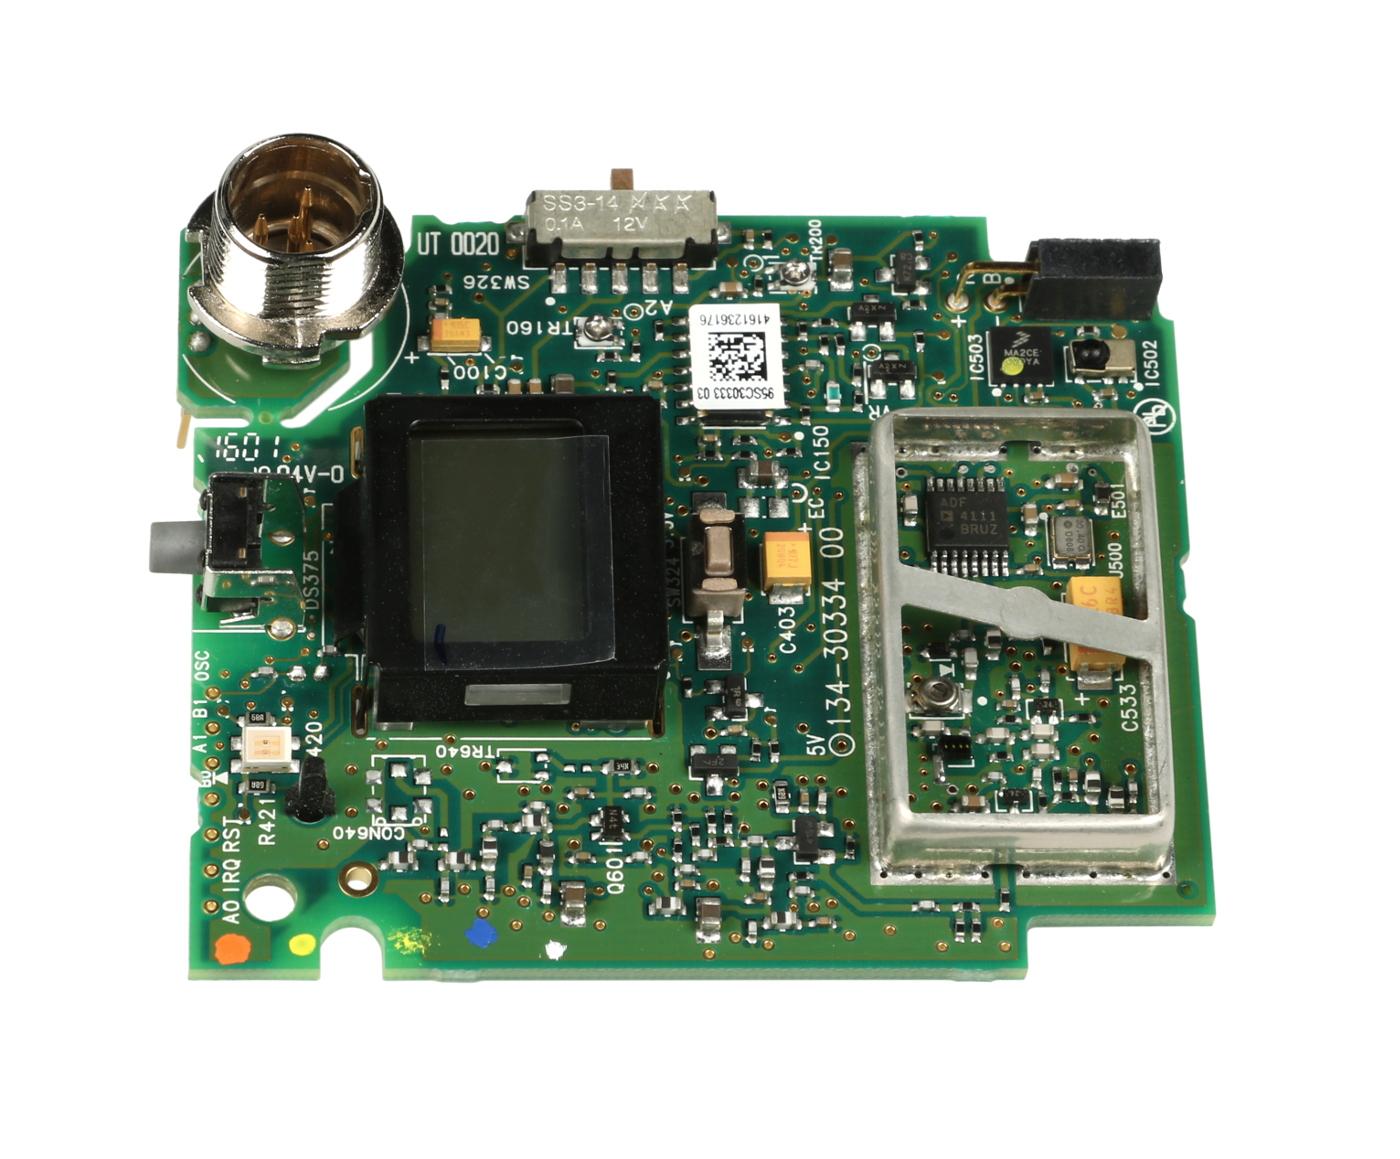 SLX1 Main PCB